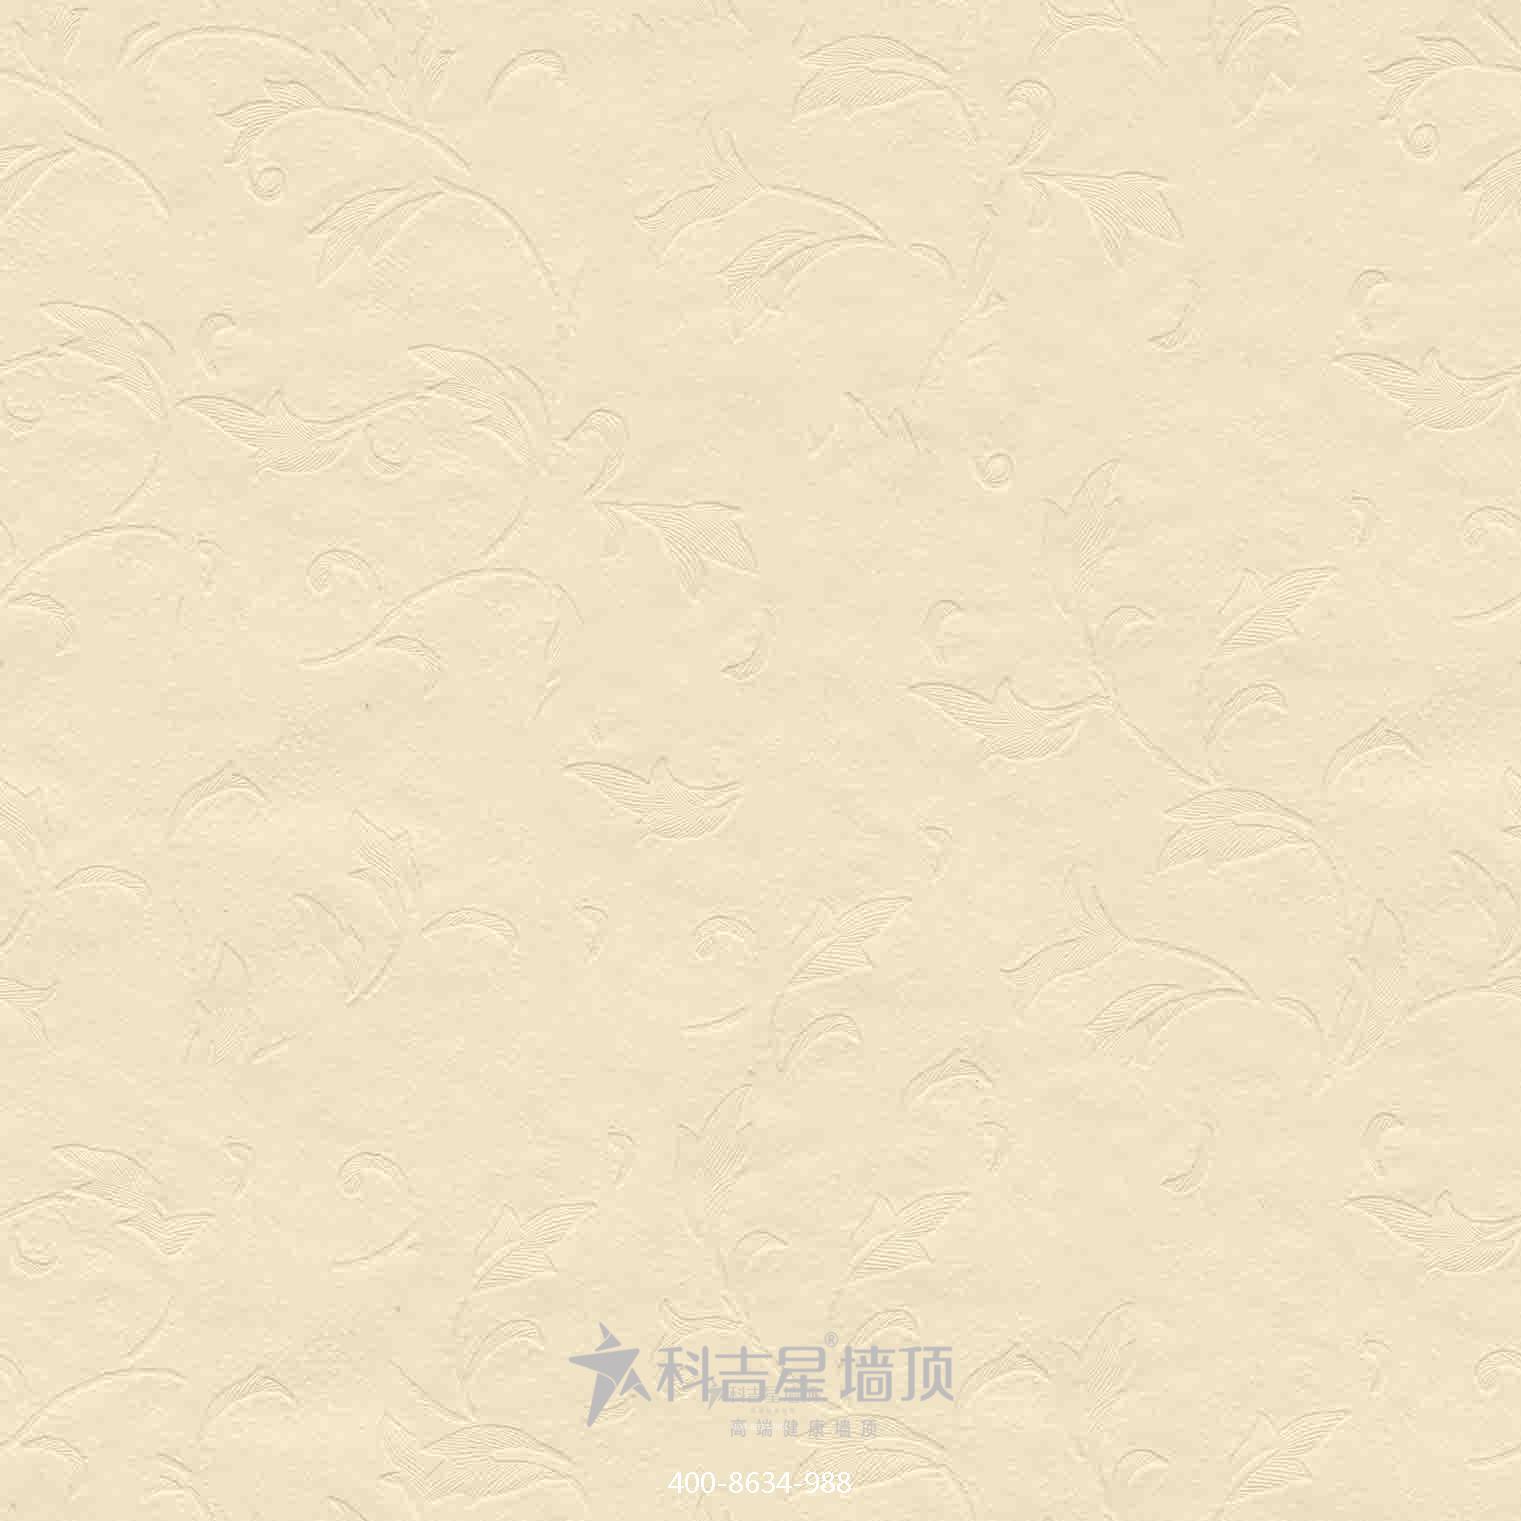 科吉星中科元木黃宮廷雕花